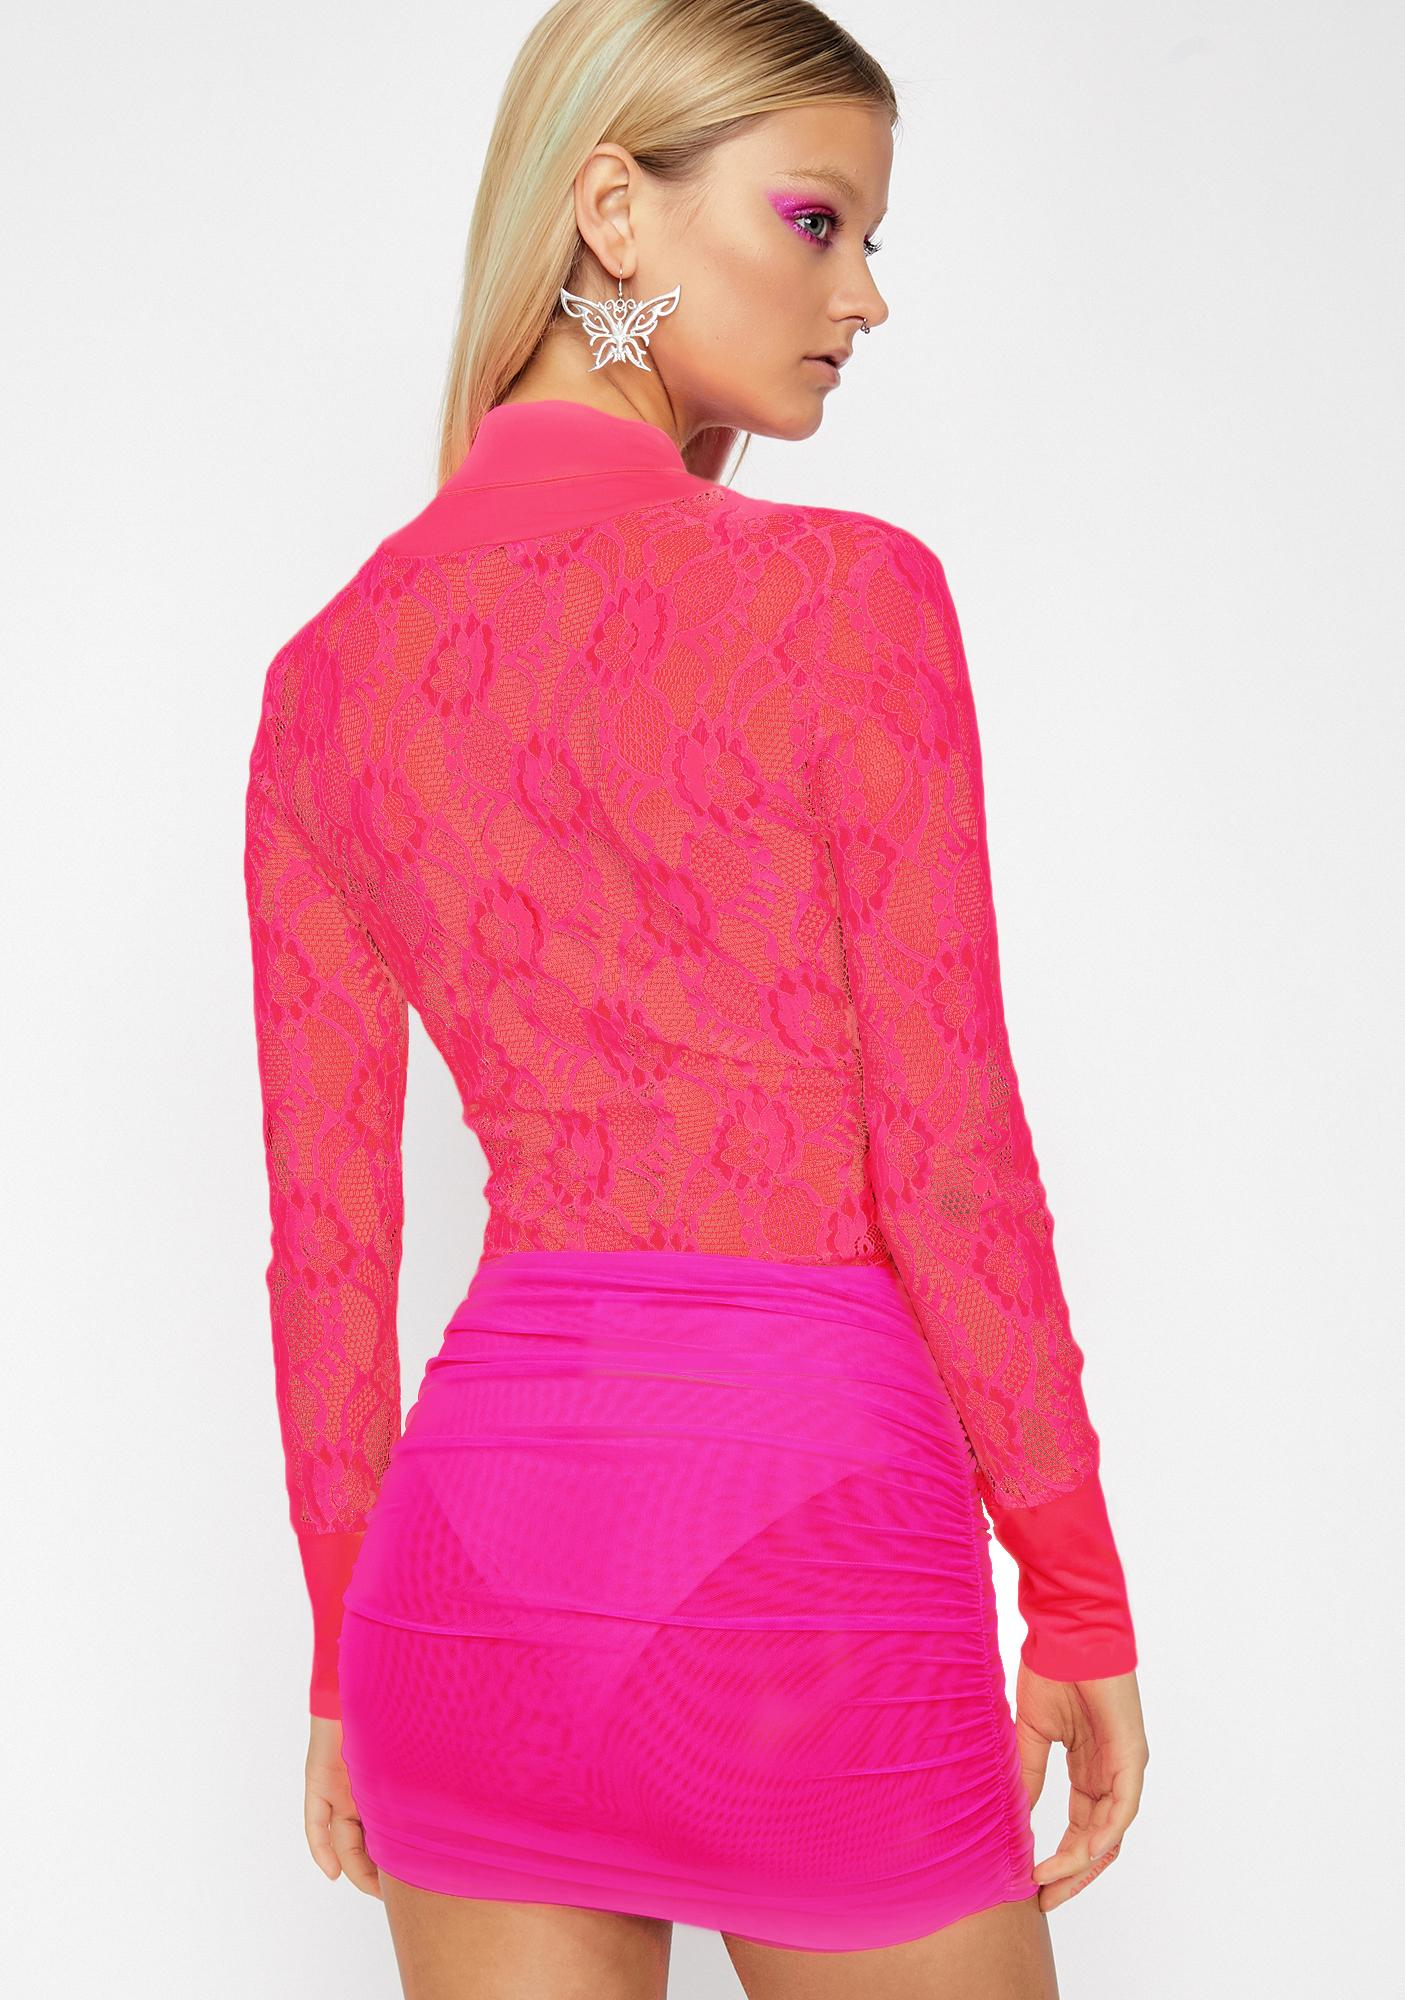 Pixie Romance Lace Bodysuit